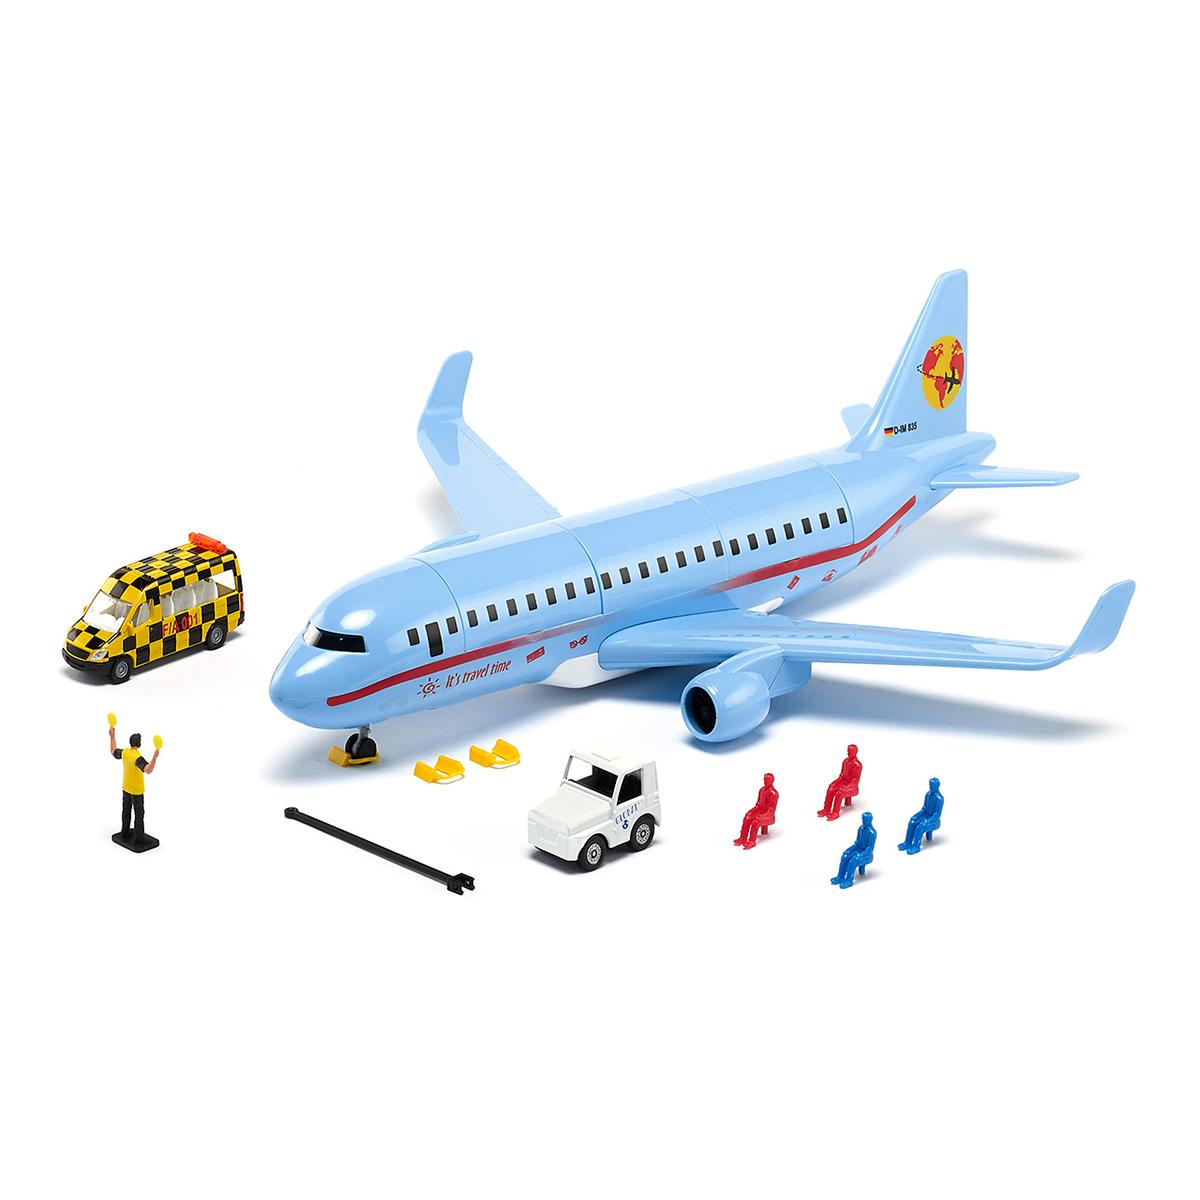 【再入荷時期未定】SIKU WORLD 飛行機(ジク・SIKU)